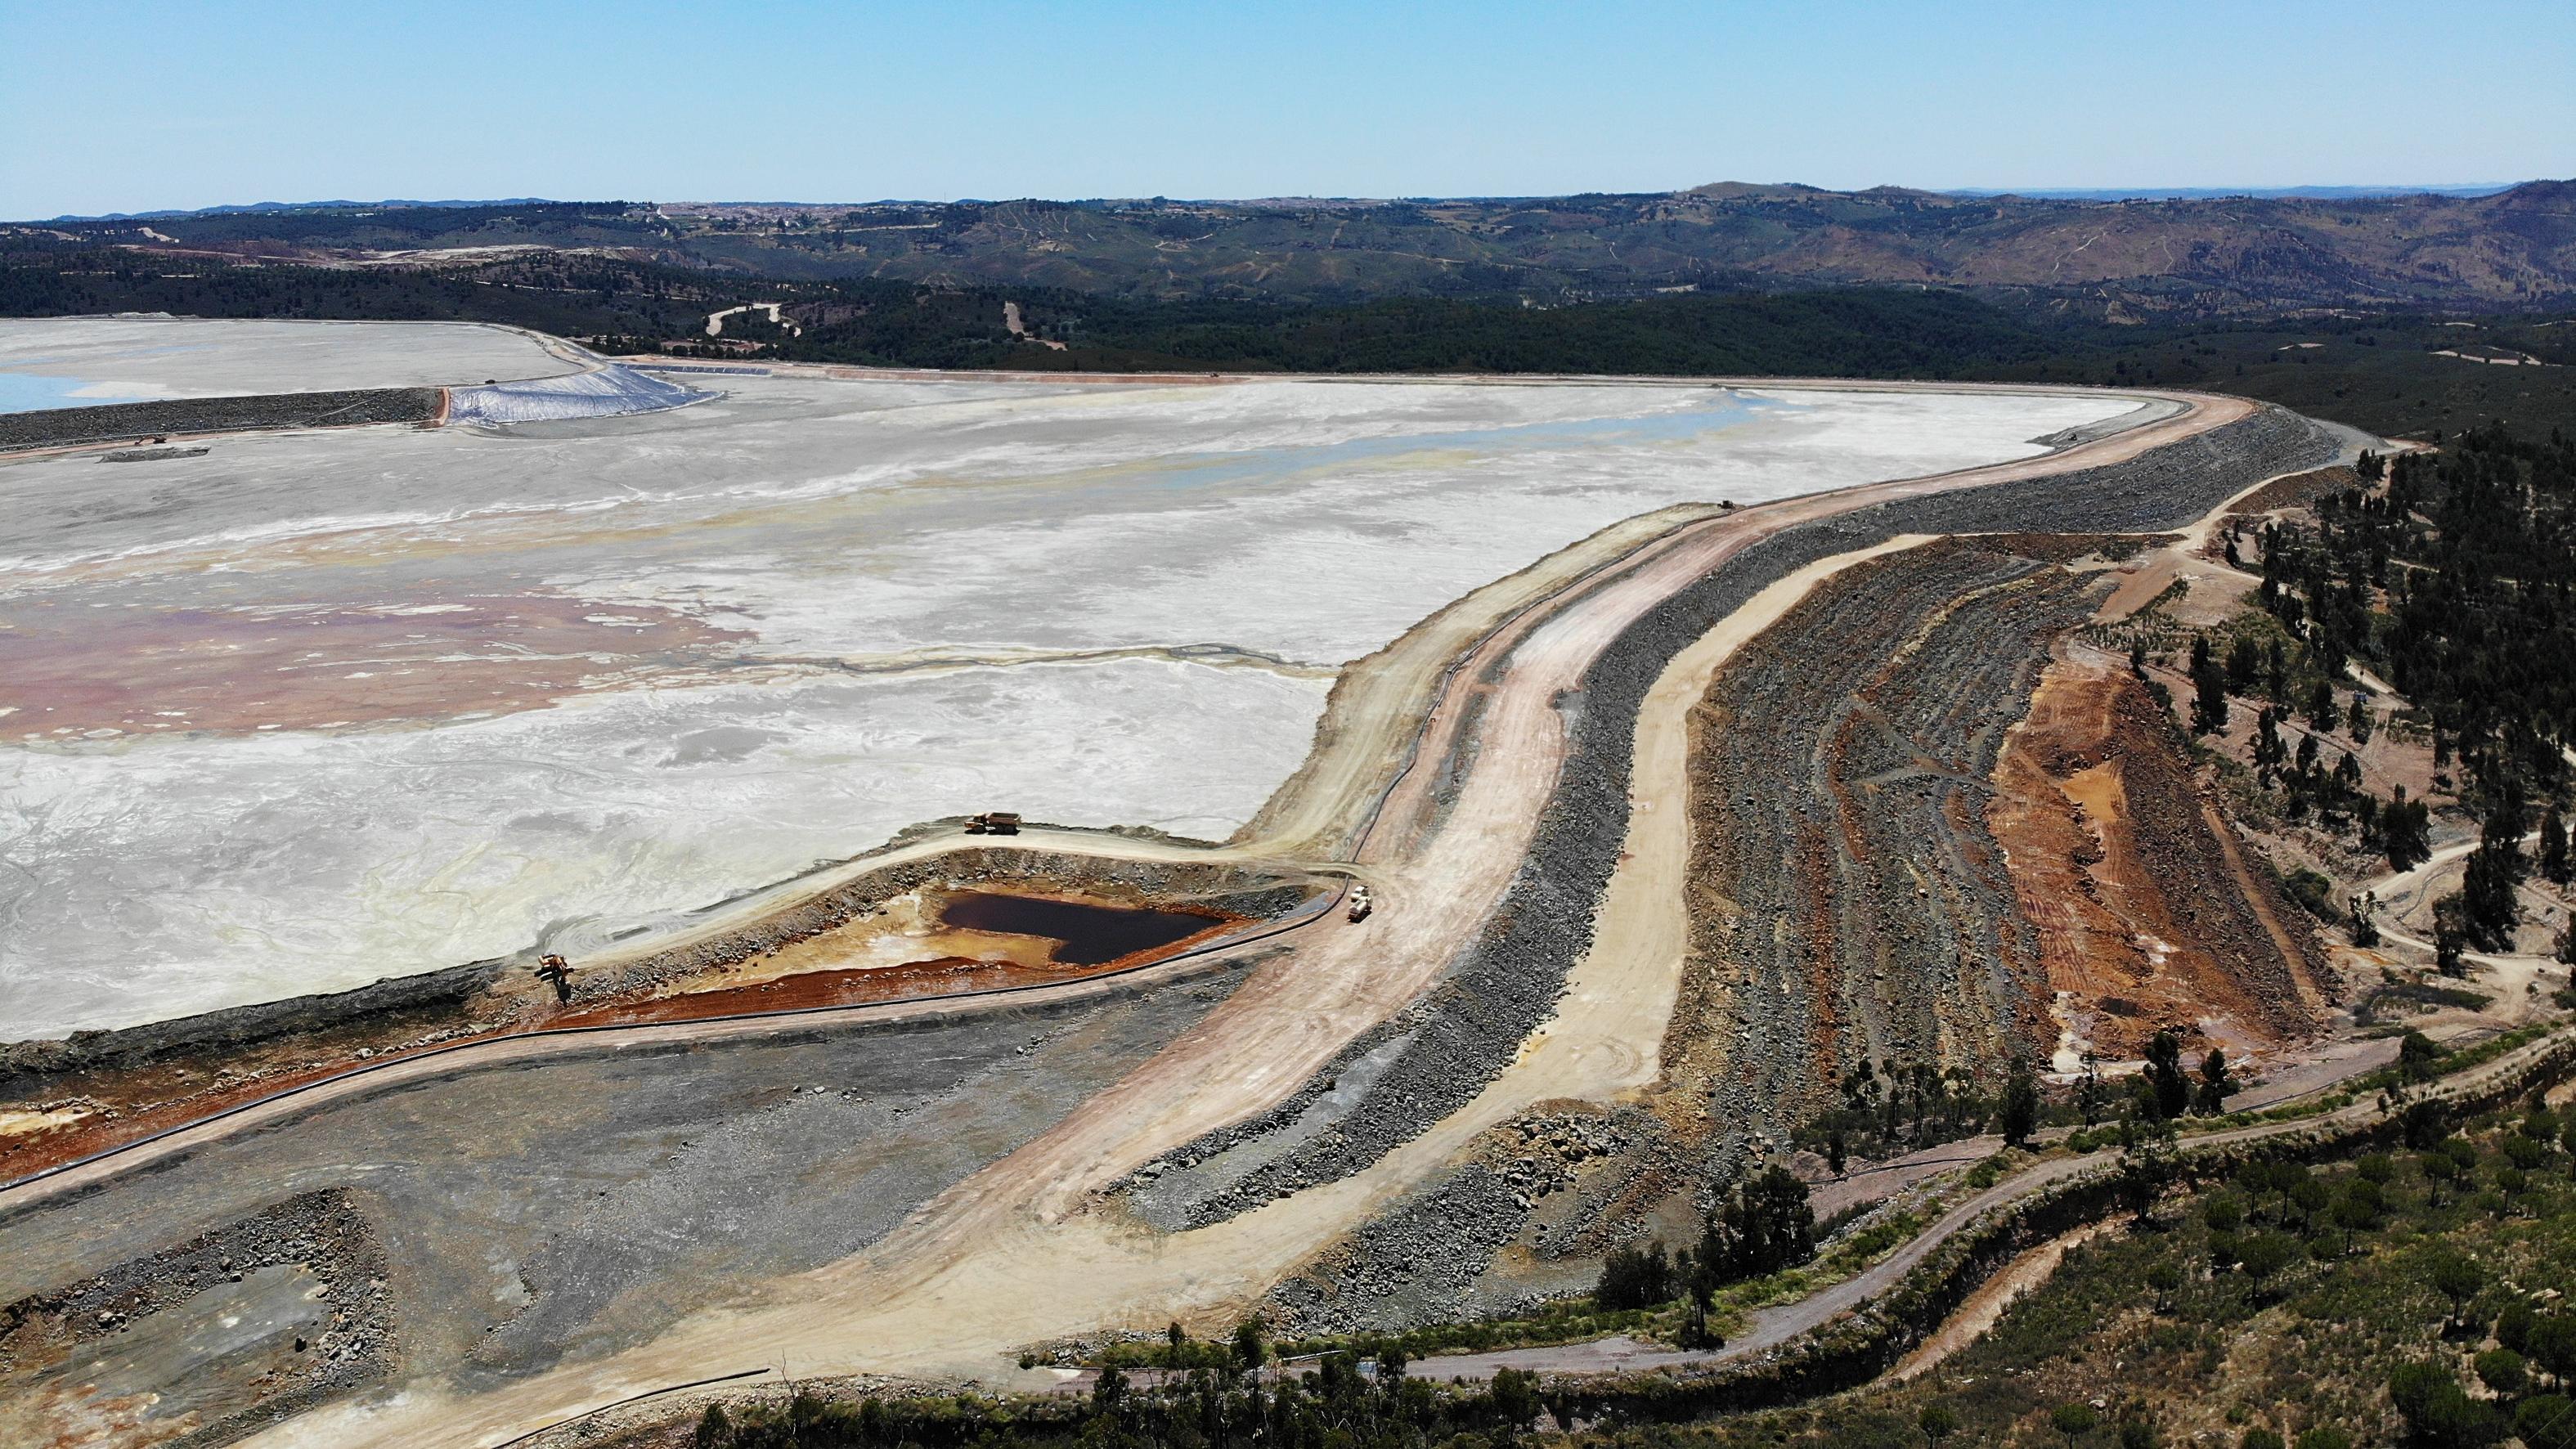 Balsas mineras de Riotinto: una amenaza con 30 veces más lodos tóxicos que el vertido de Aznalcóllar